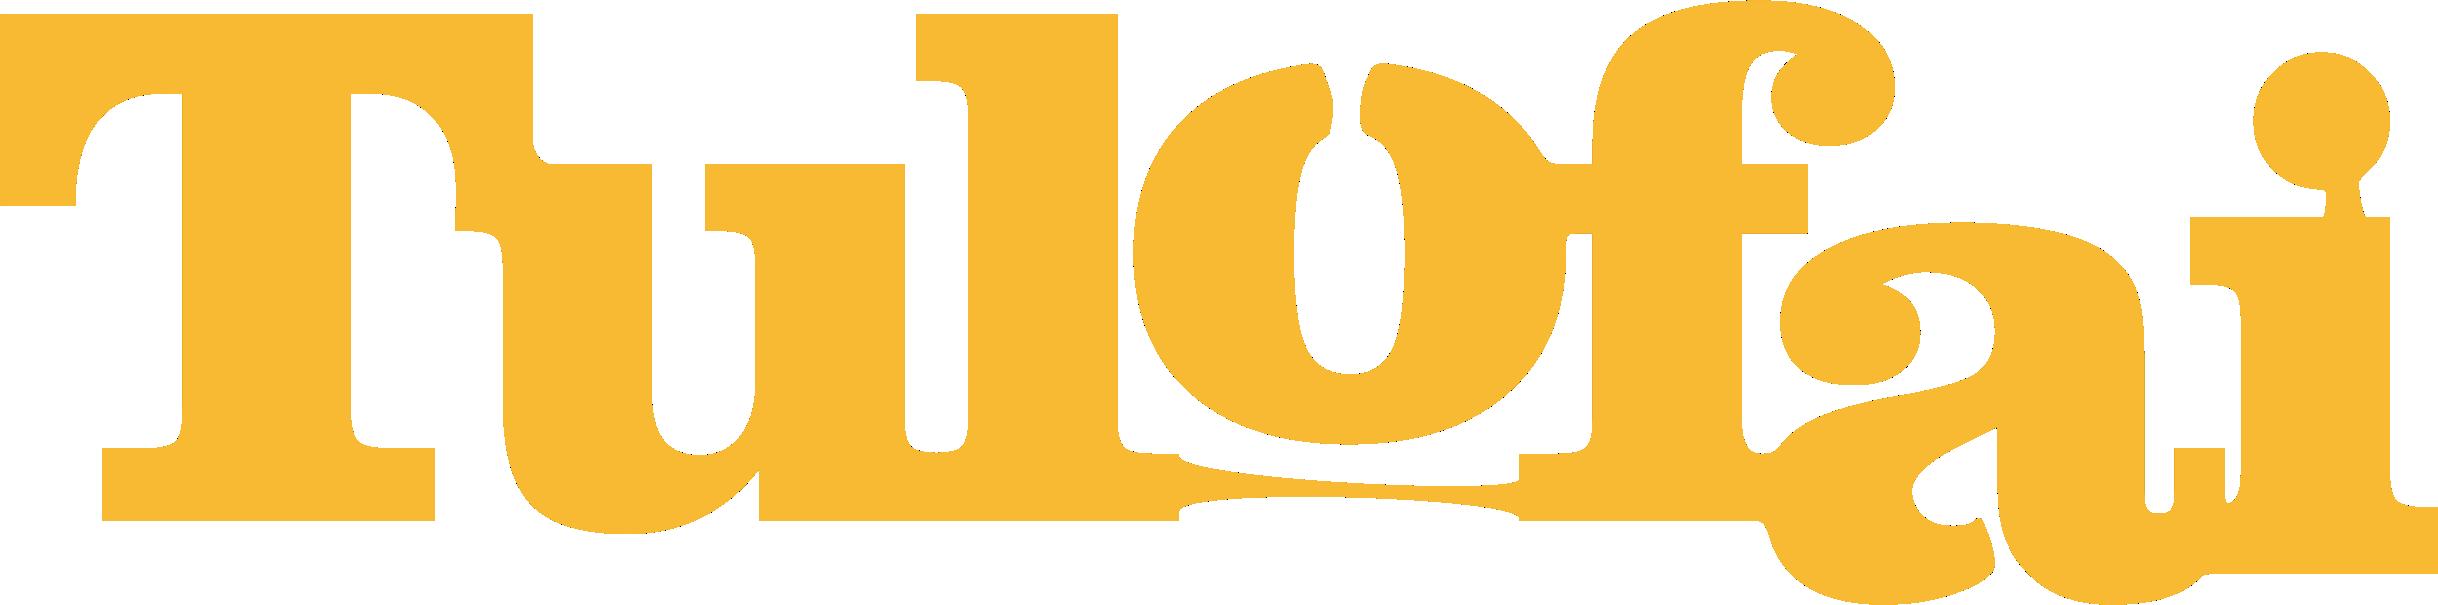 tulofai